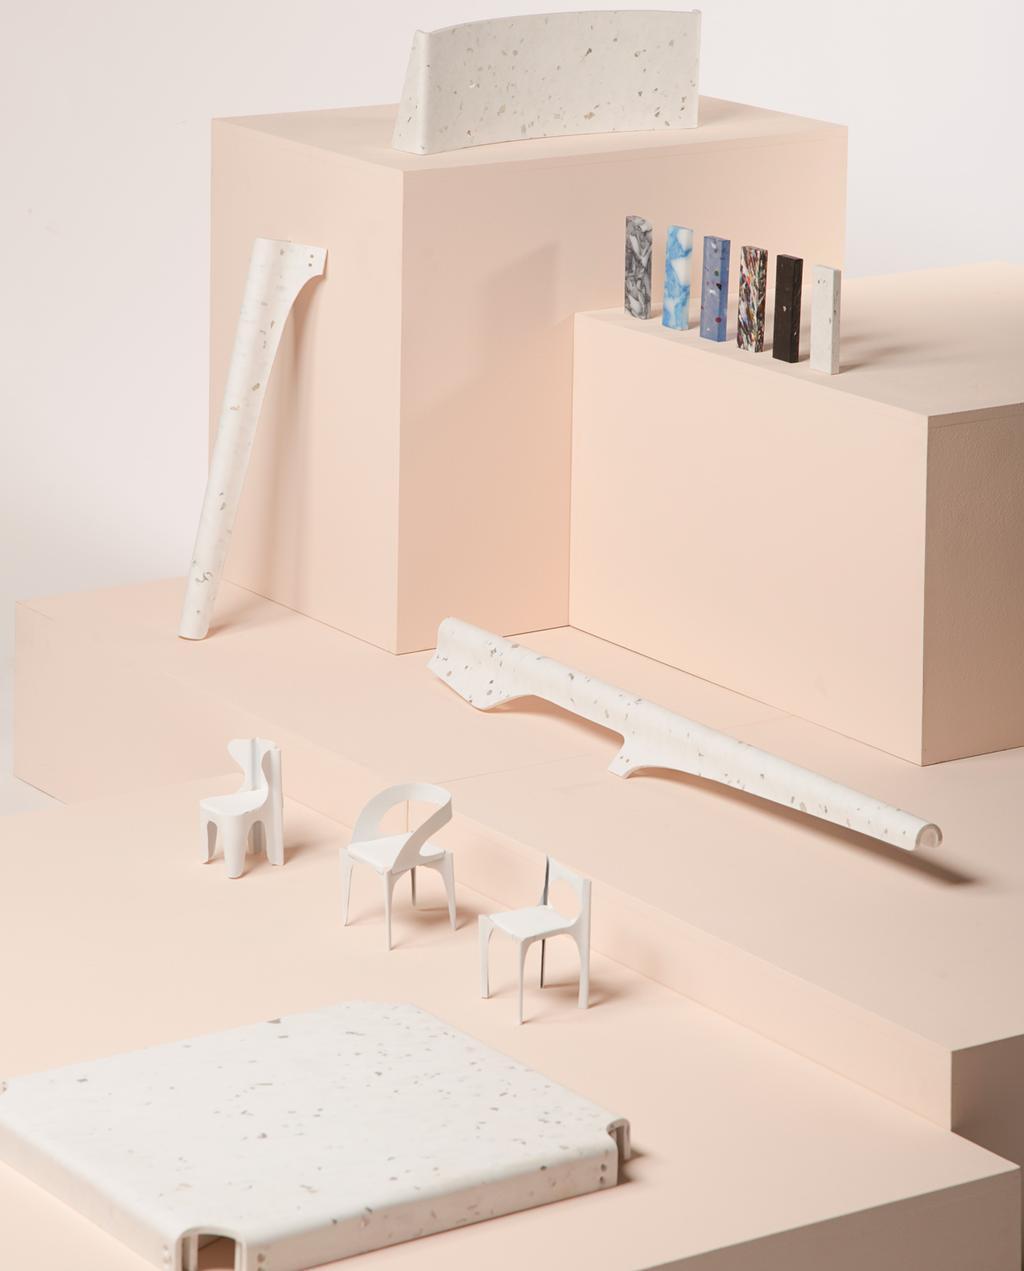 vtwonen | StudentDesign Alexander Schul miniatuur